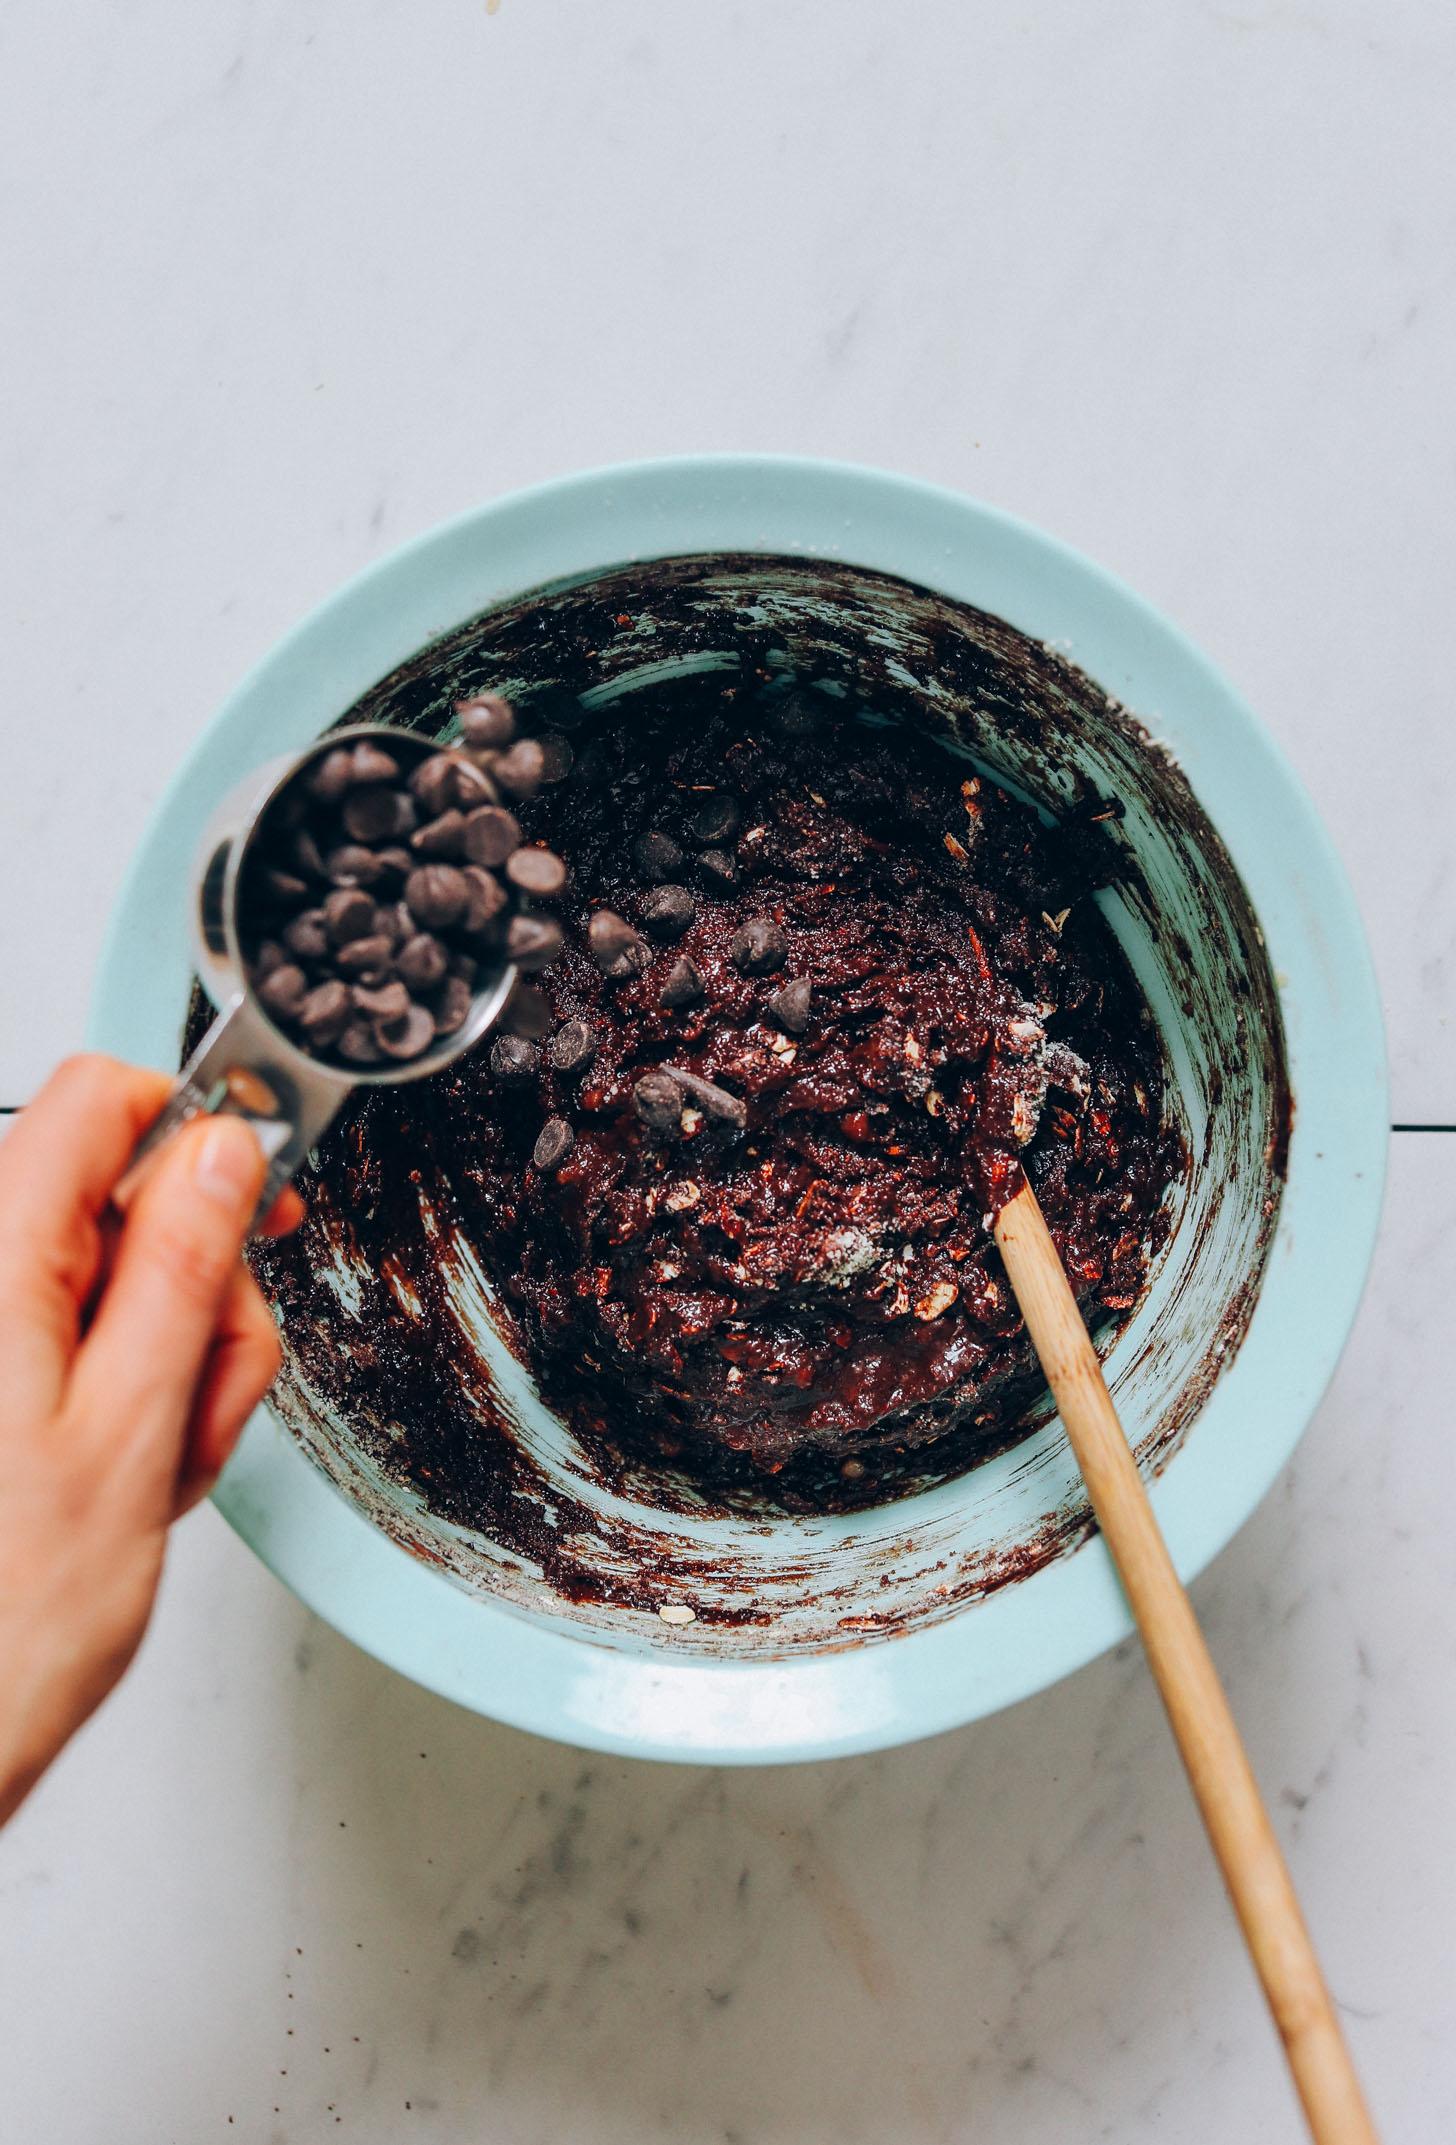 Verter chips de chocolate en un tazón de masa de muffin de chocolate y plátano